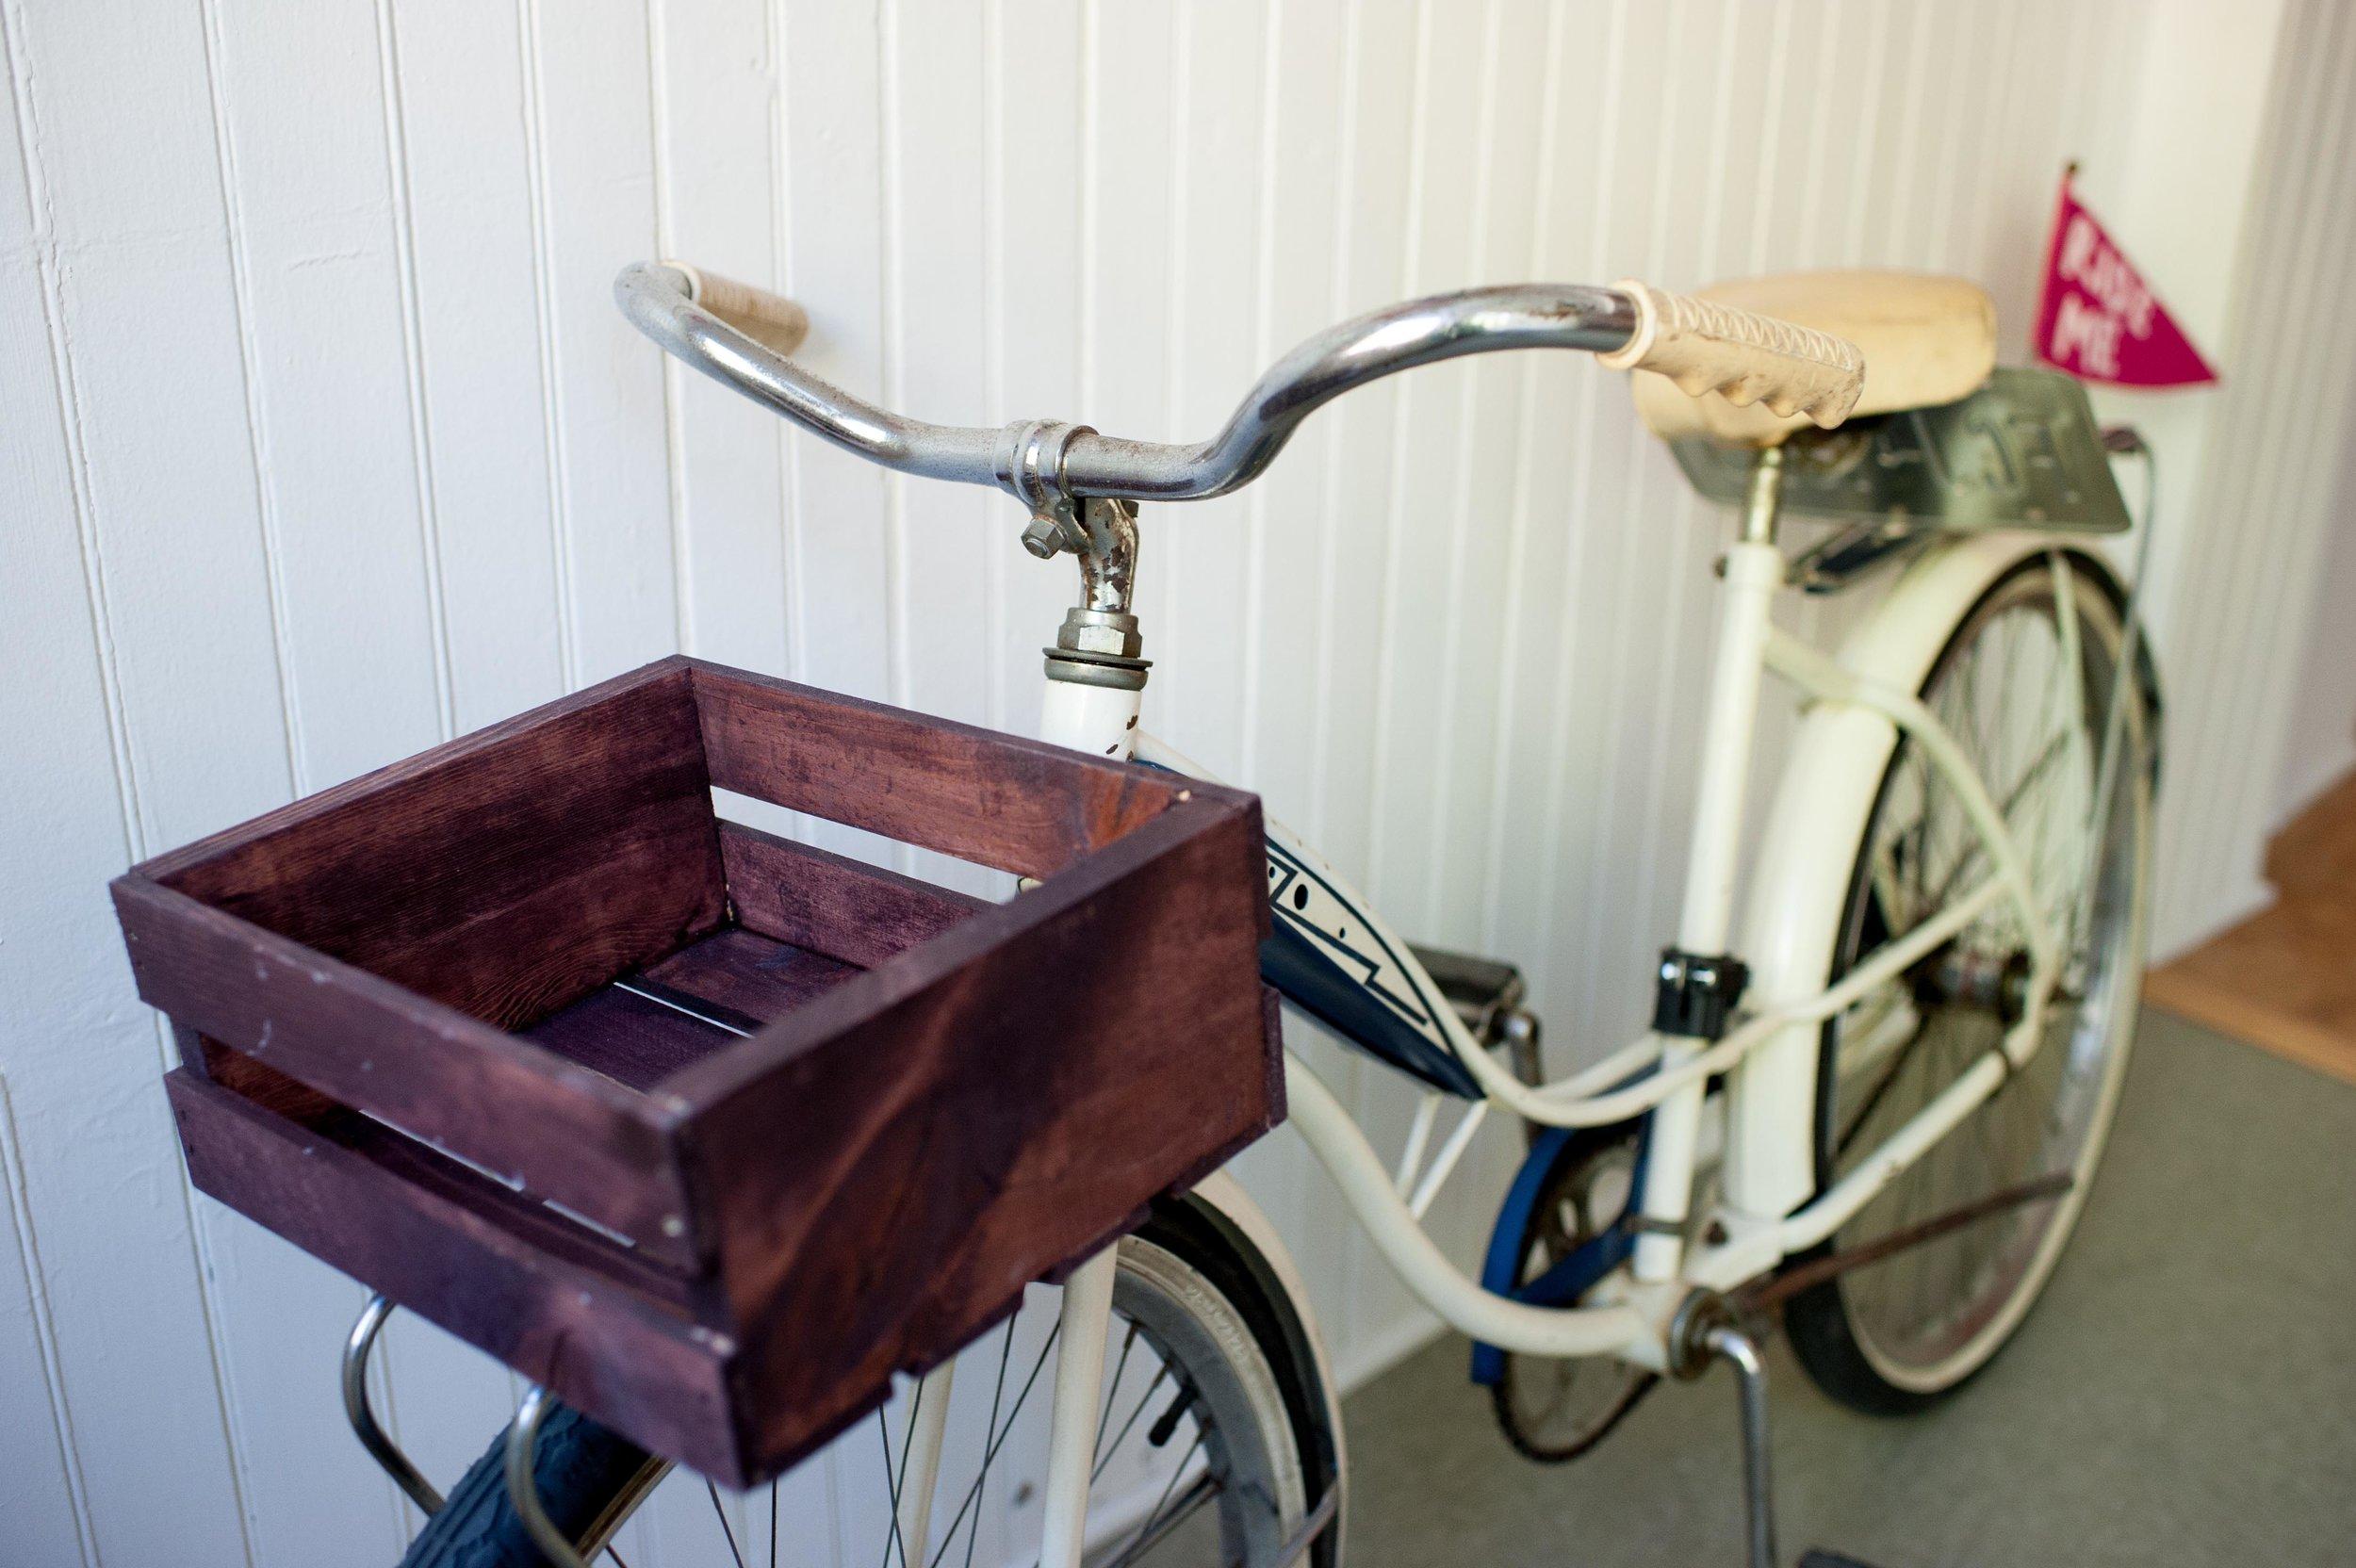 art_bike-92.jpg